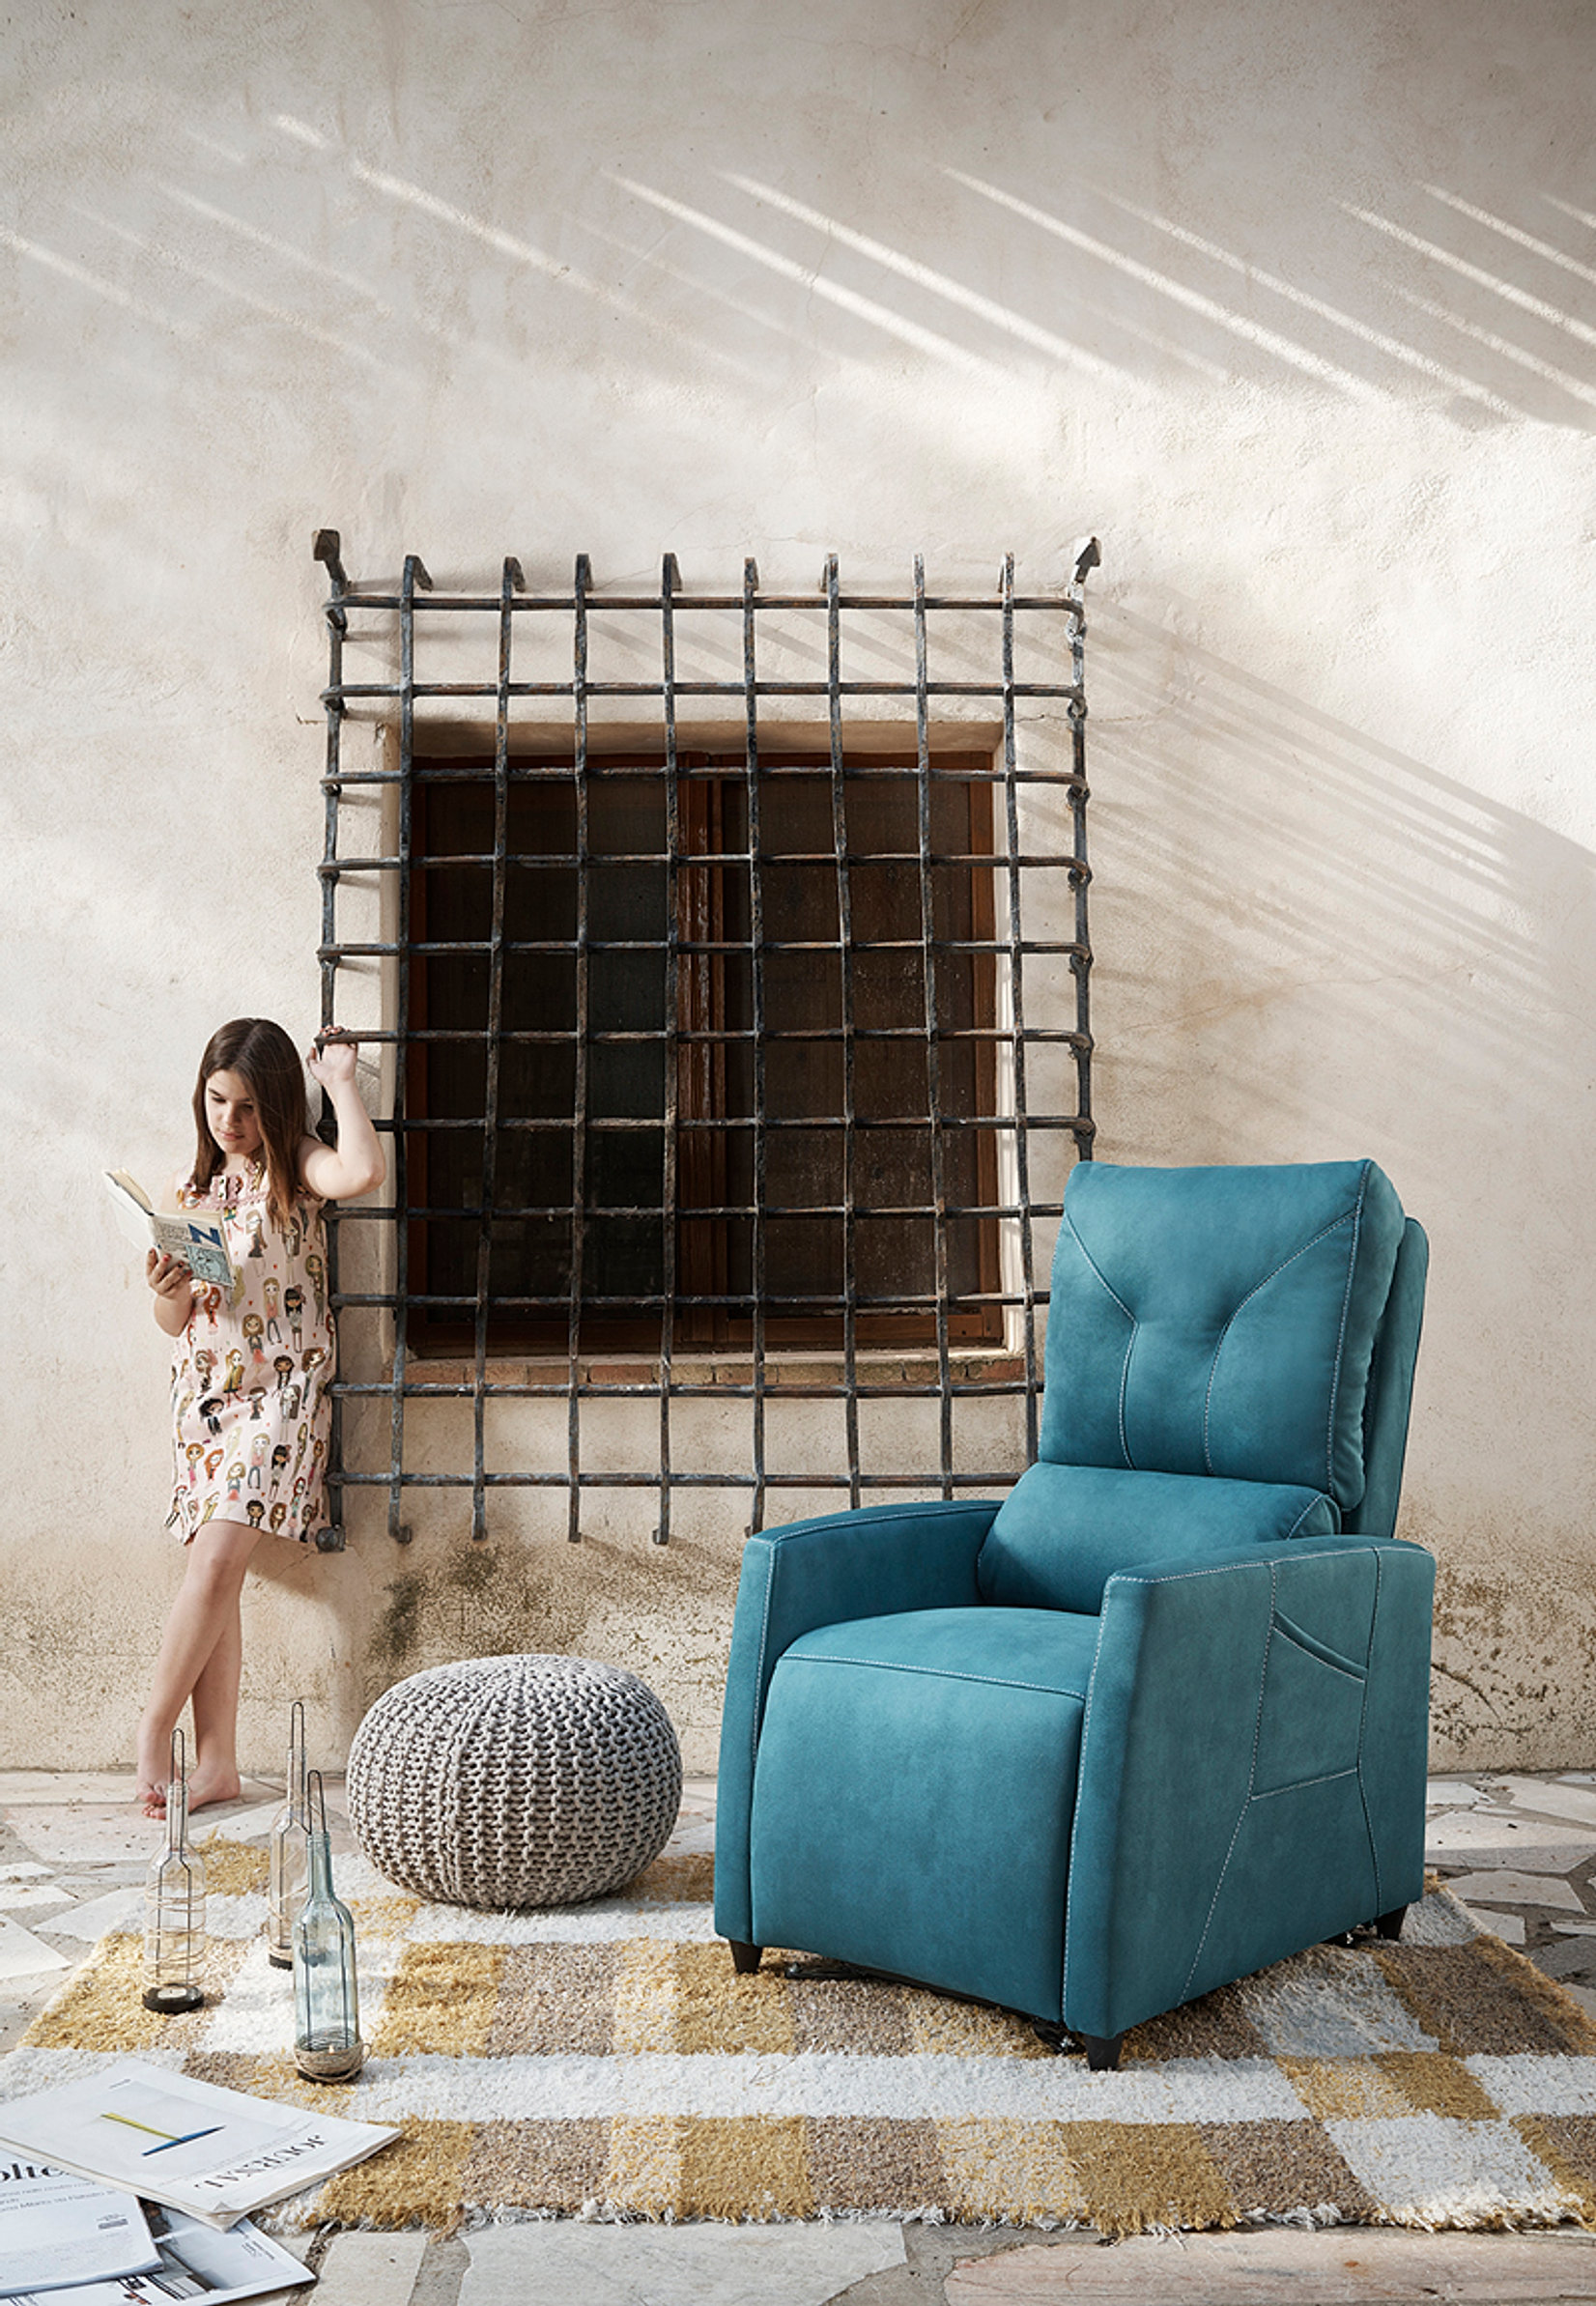 Big sofass marbella sillones relax en marbella - Sofas en marbella ...